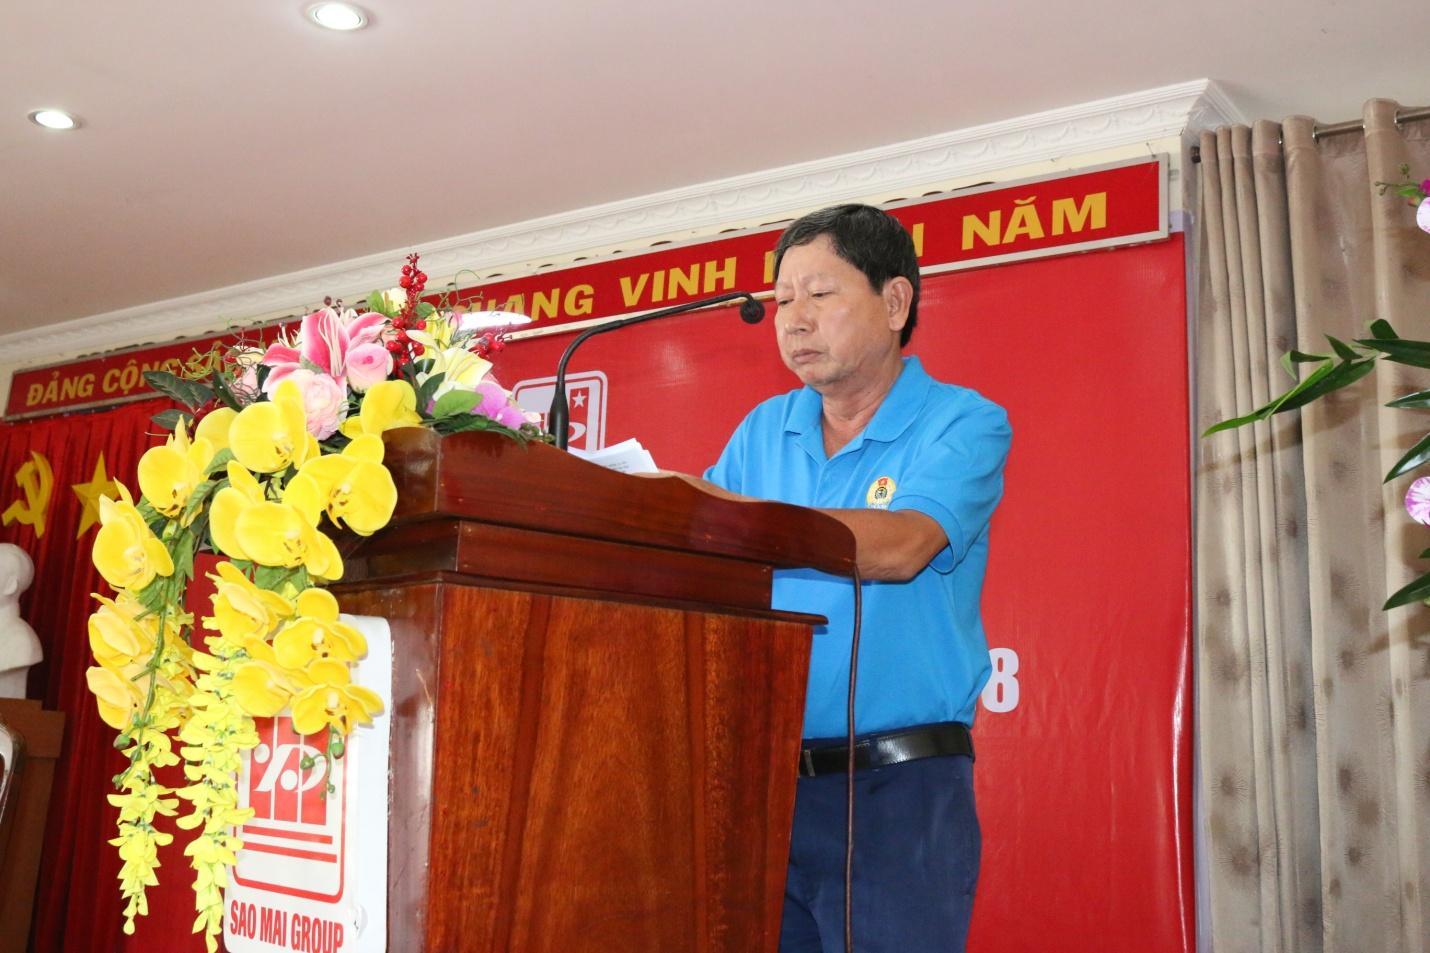 4. Ông Nguyễn Văn Quang – Chủ tịch Công đoàn Báo cáo tình hình hoạt động của công đoàn năm 2017.JPG